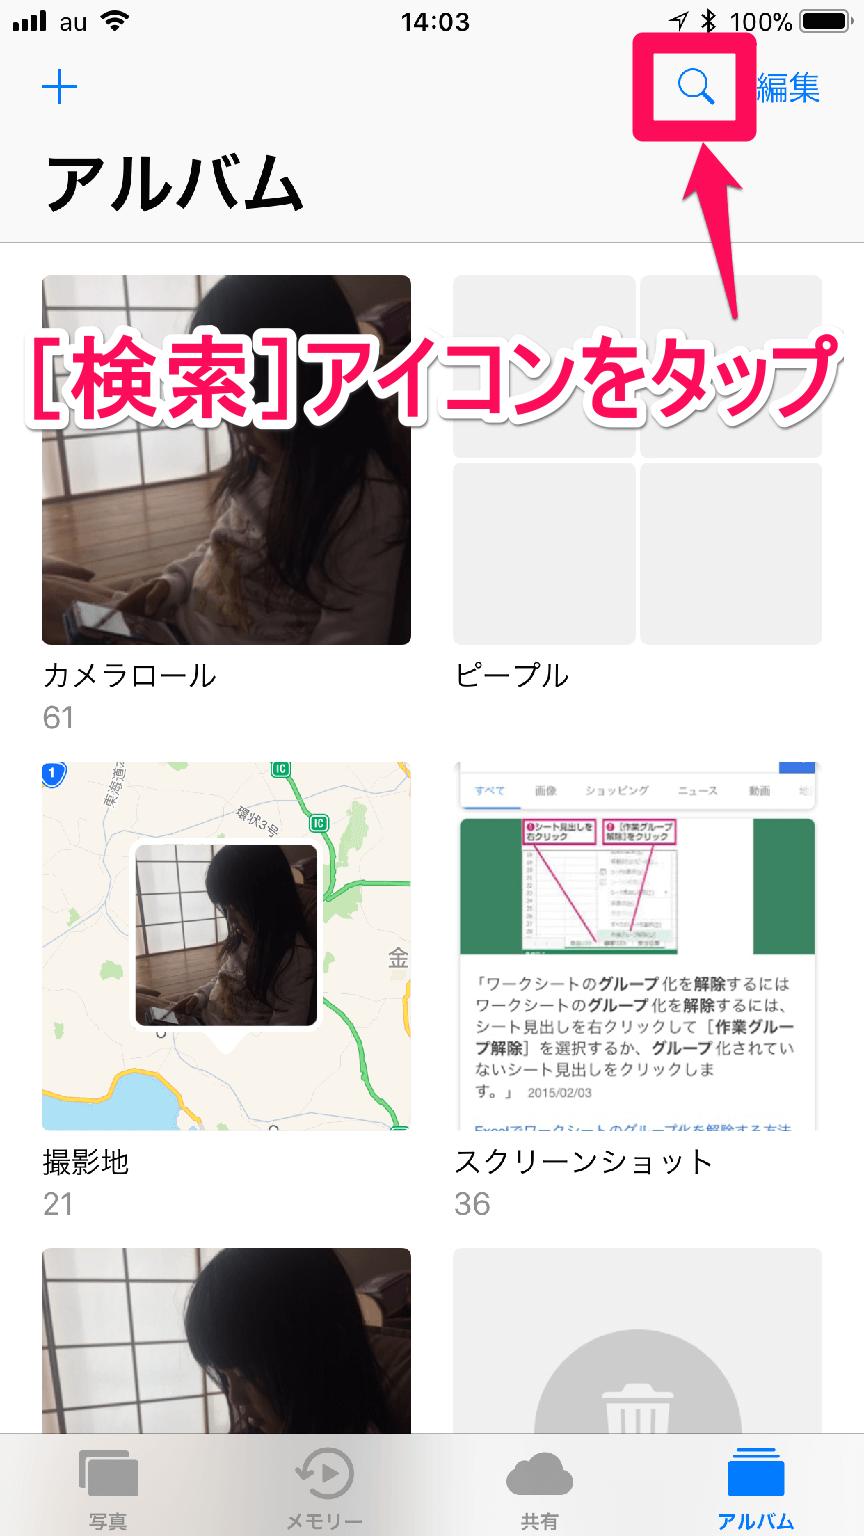 iPhone(アイフォーン)の[写真]アプリの画面